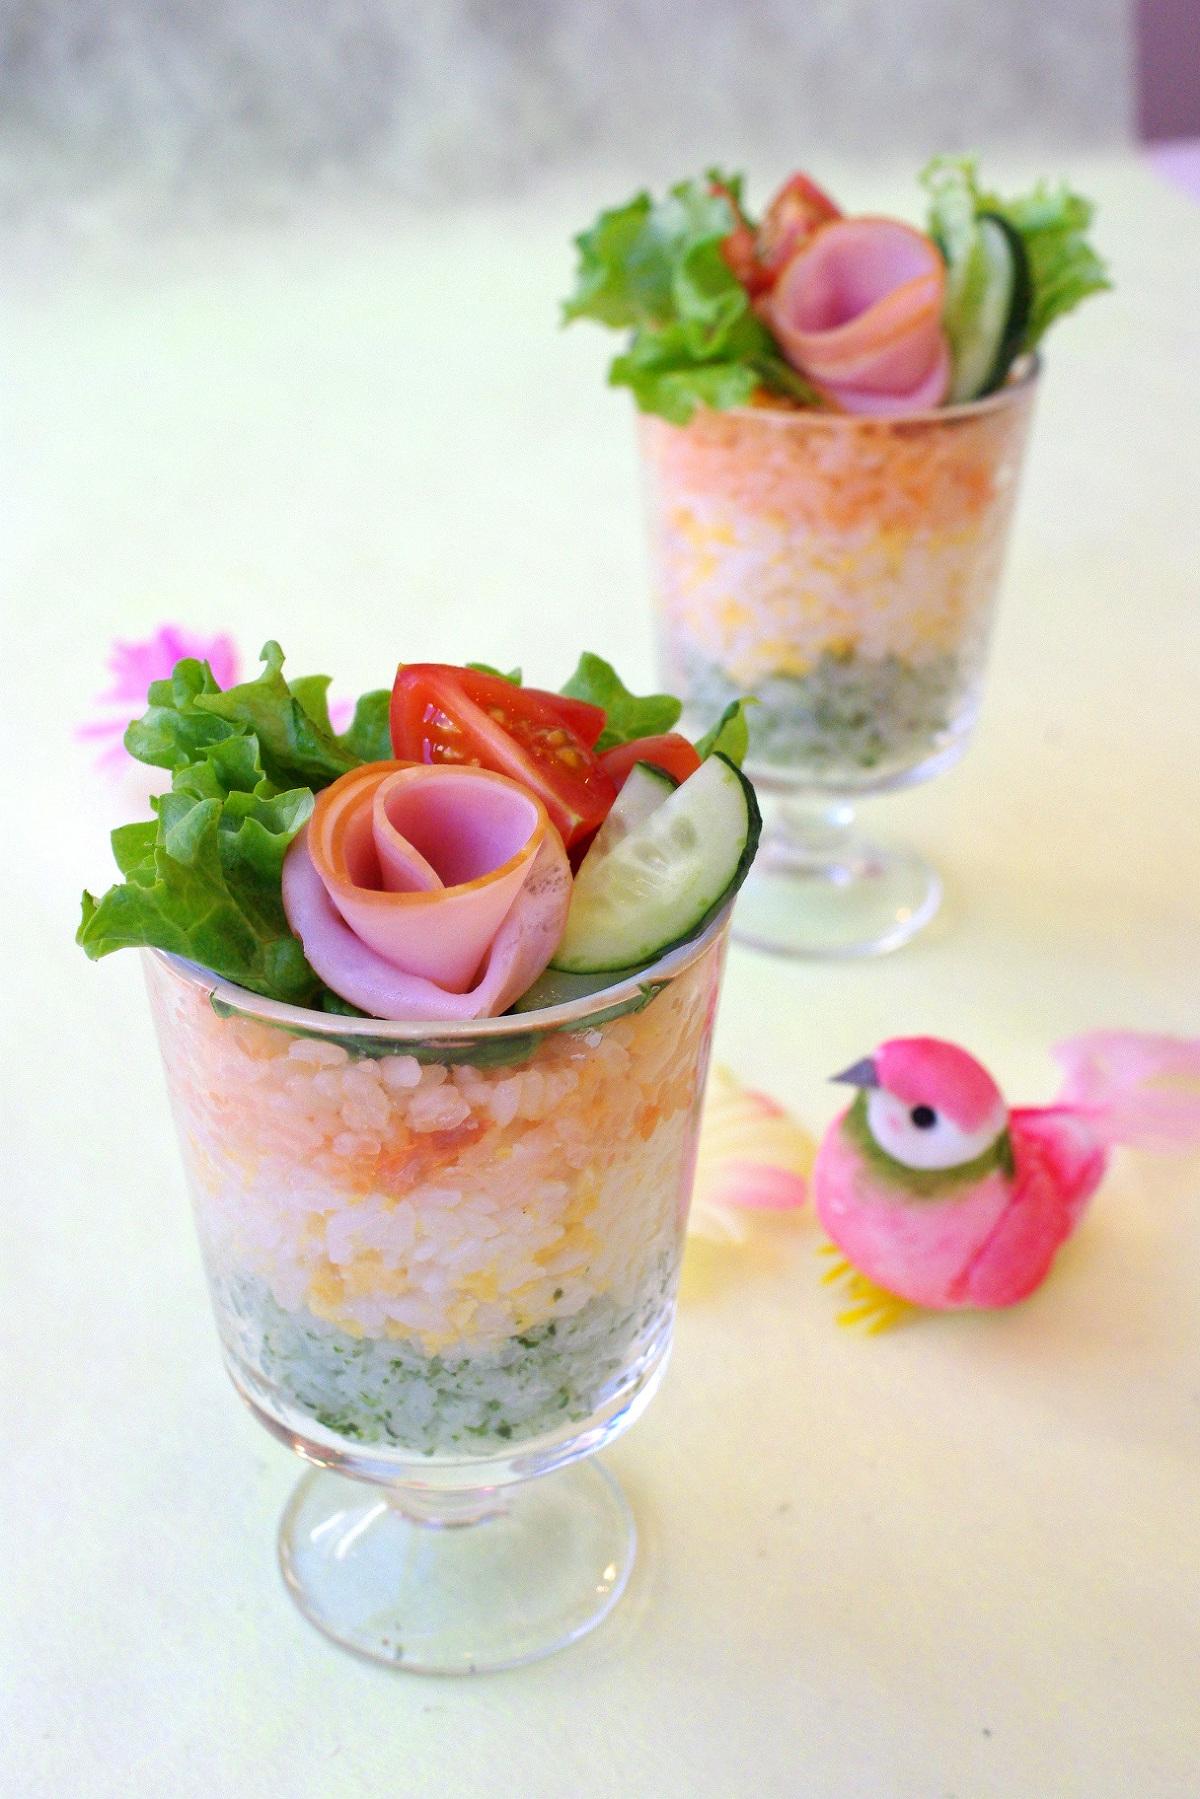 薔薇ハムに一目惚れ洋風グラスで3色寿司